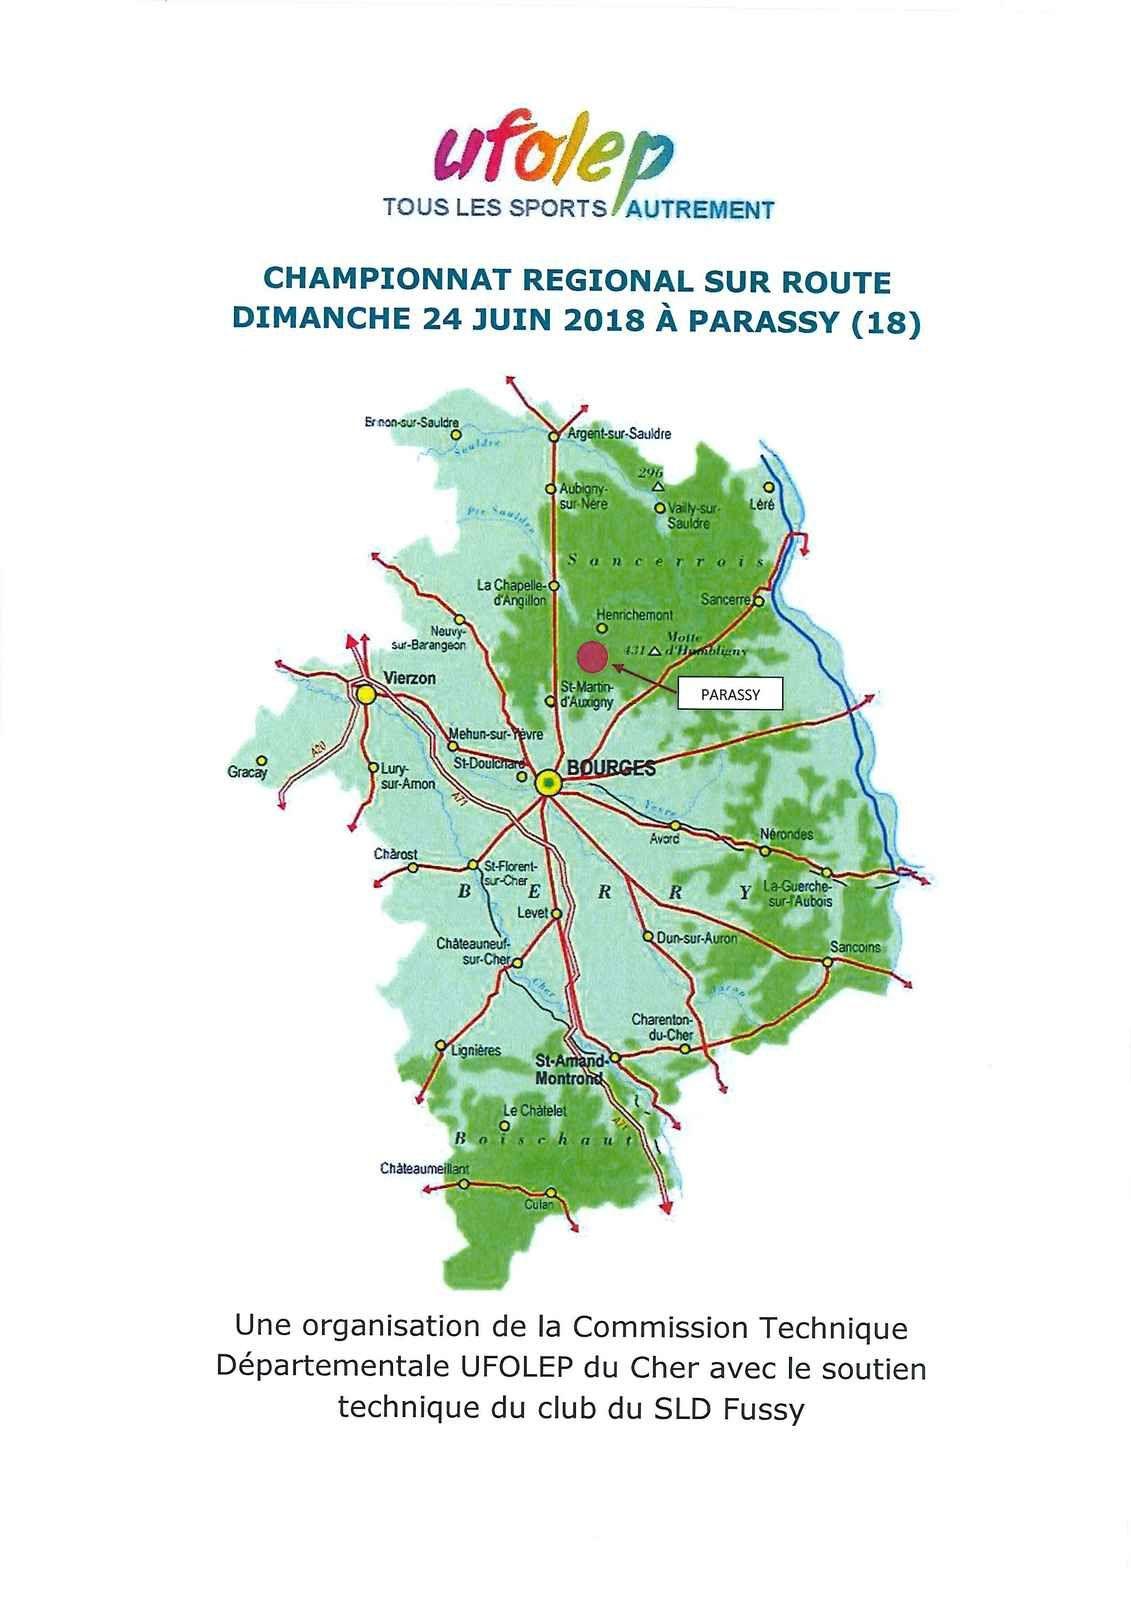 Championnat régional UFOLEP le dimanche 24 juin à Parassy (18)